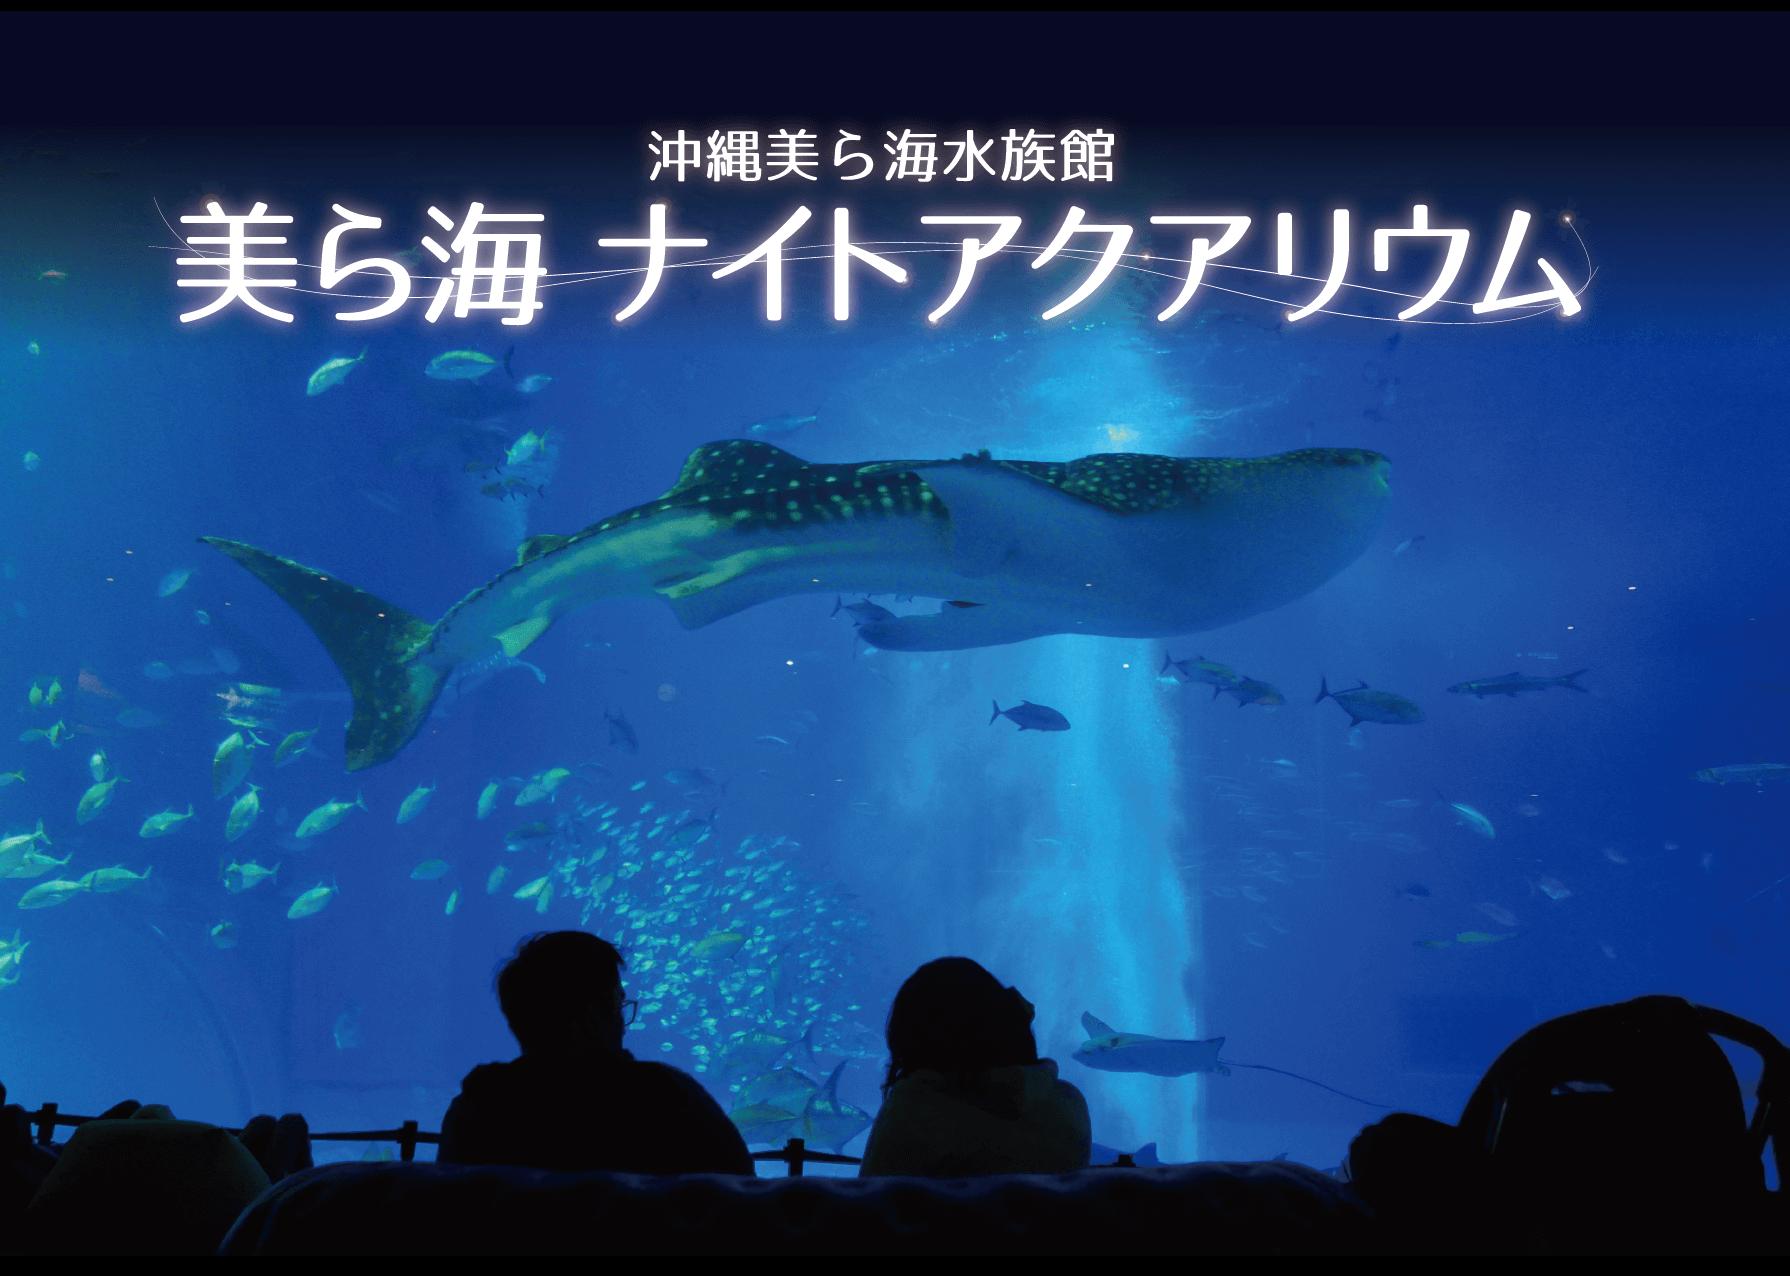 期間限定★美ら海ナイトアクアリウムバスツアーを開催!